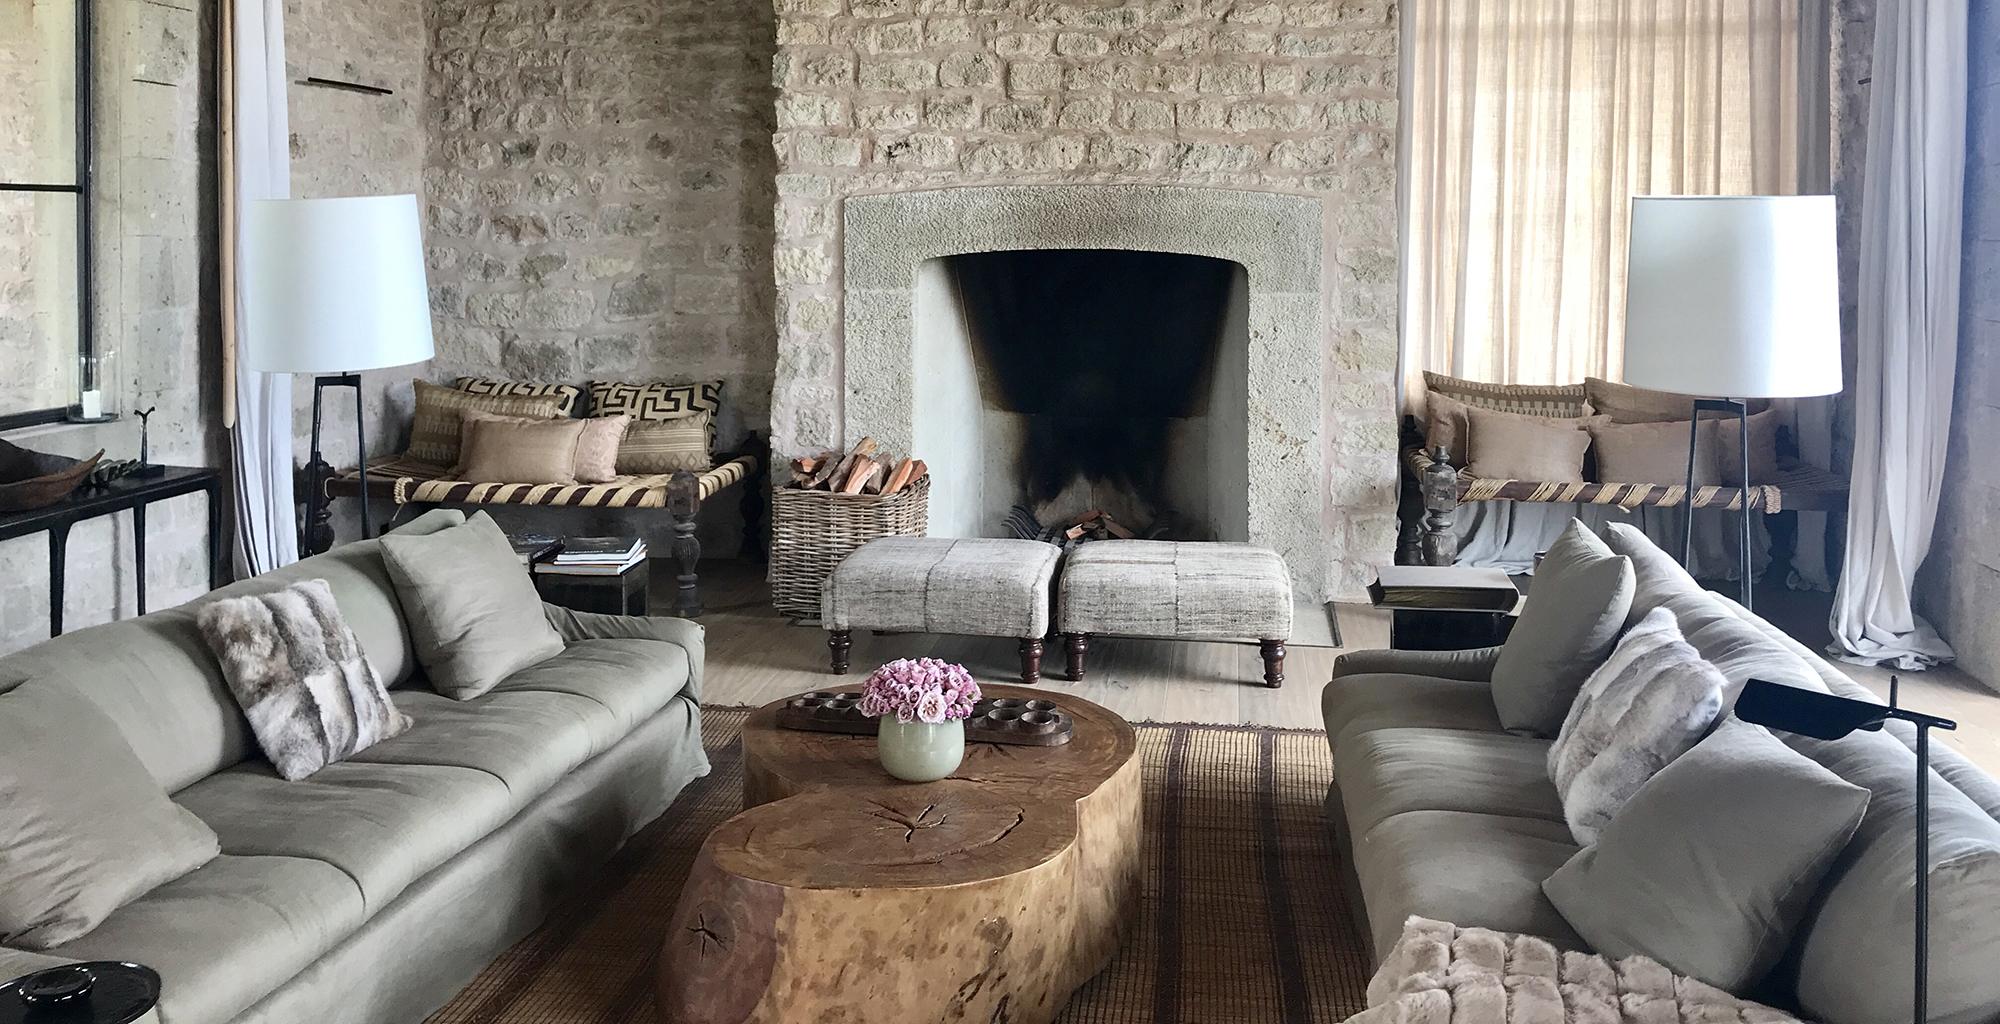 Kenya-Ariijju-Lounge